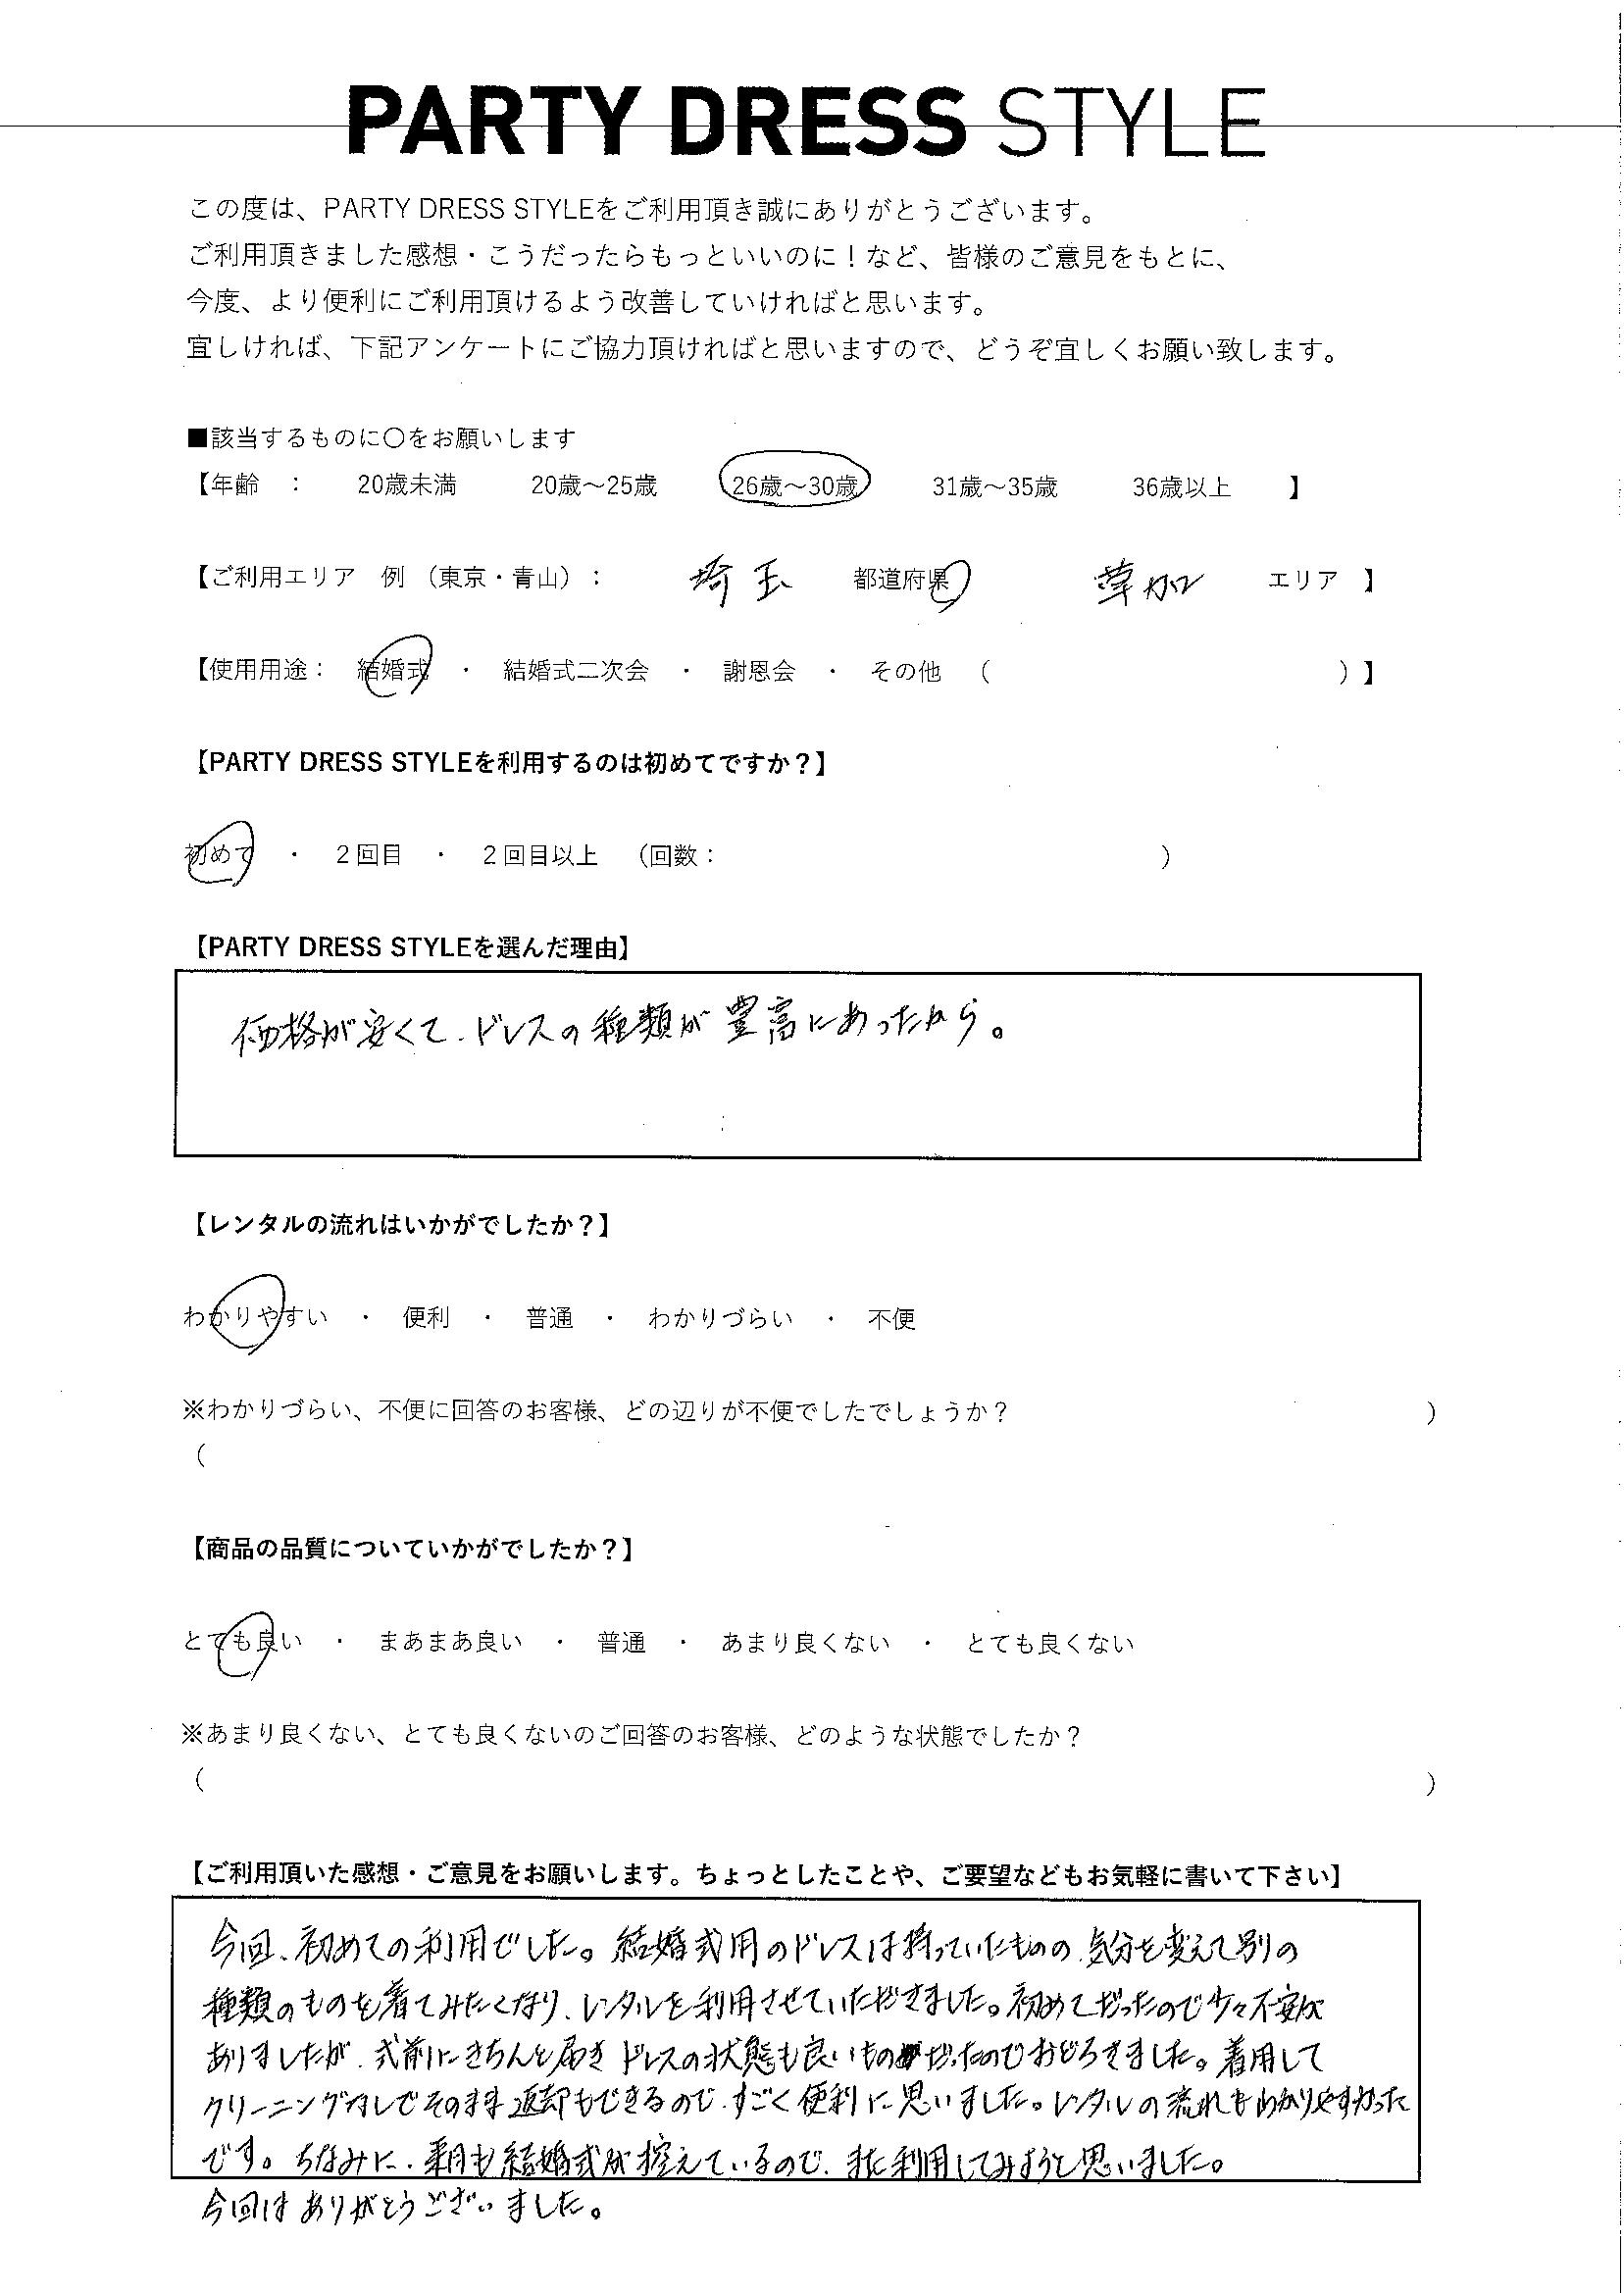 5/26結婚式利用 埼玉県・草加エリア